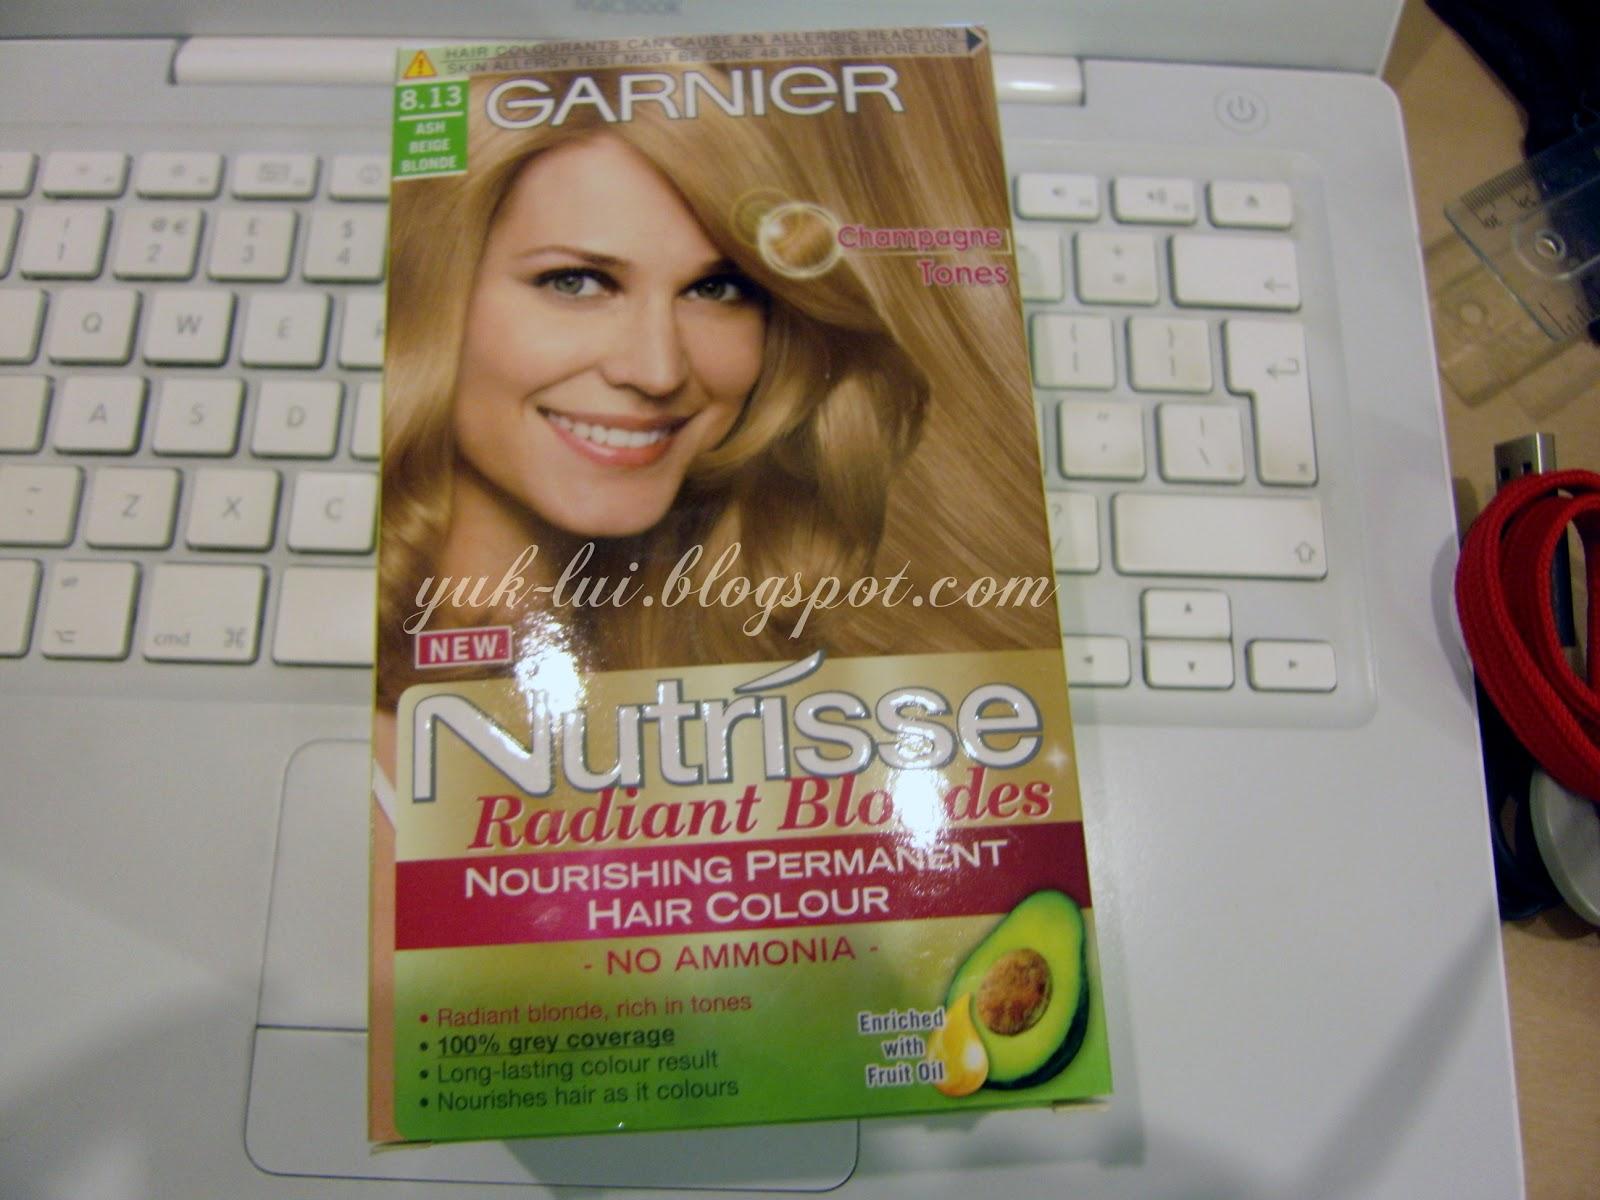 Garnier Fructis Dark Brown Hair Color Review Natural Hair Dye 2018